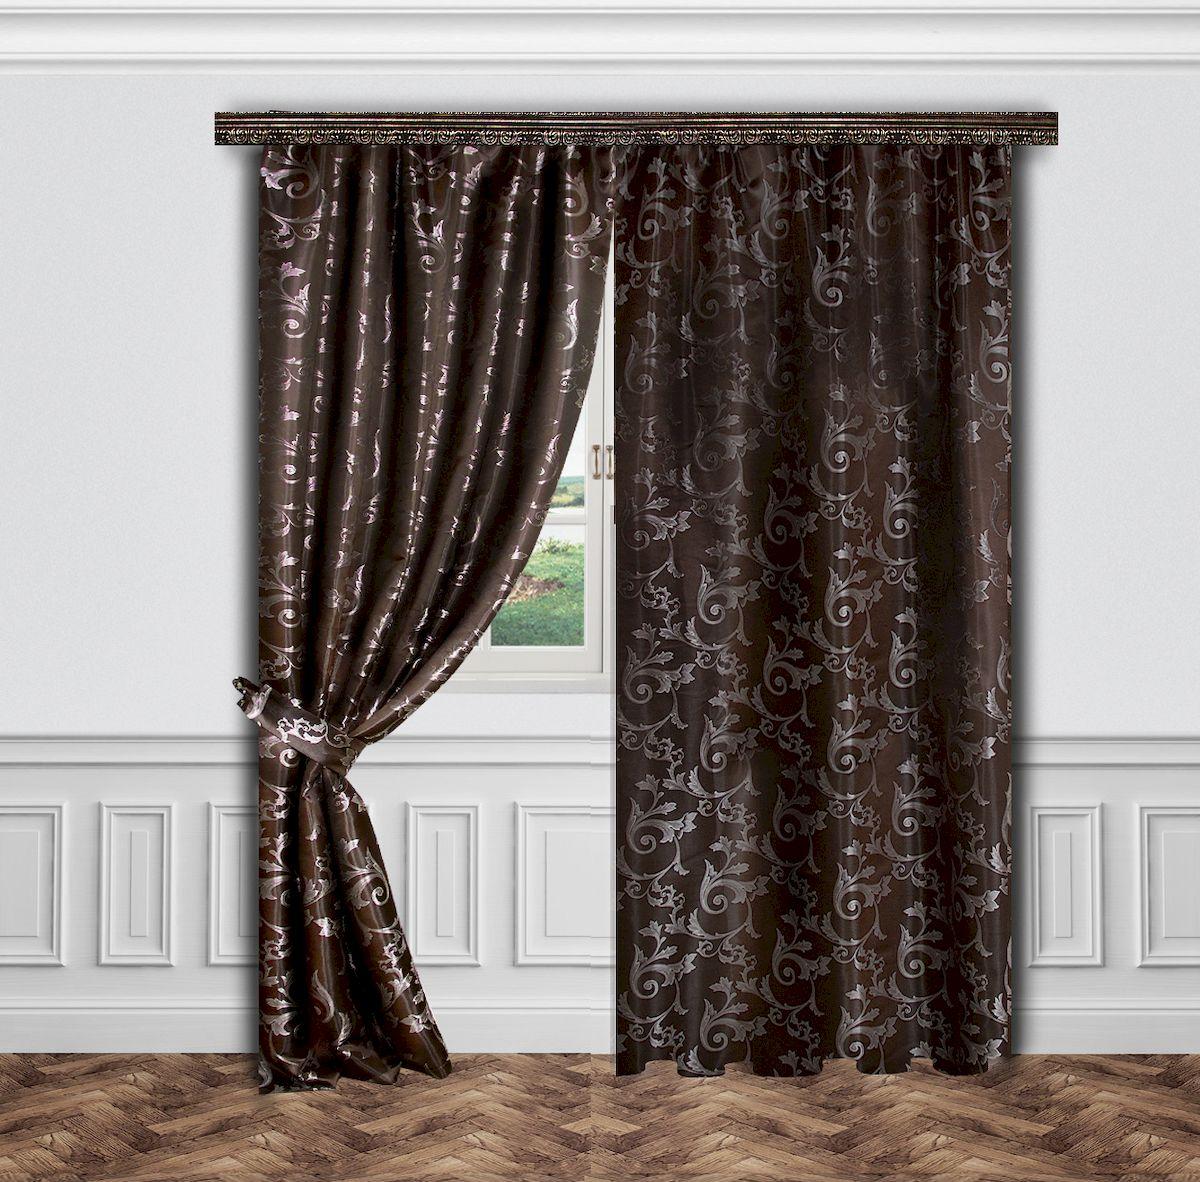 Комплект штор Zlata Korunka, на ленте, цвет: коричневый, высота 260 см. 5563855638Роскошный комплект штор Zlata Korunka, выполненный из полиэстера, великолепно украсит любое окно. Комплект состоит двух штор и двух подхватов. Изящный узор и приятная цветовая гамма привлекут к себе внимание и органично впишутся в интерьер помещения. Этот комплект будет долгое время радовать вас и вашу семью! Комплект крепится на карниз при помощи ленты, которая поможет красиво и равномерно задрапировать верх. В комплект входит: Штора: 2 шт. Размер (Ш х В): 145 см х 260 см. Подхват: 2 шт.